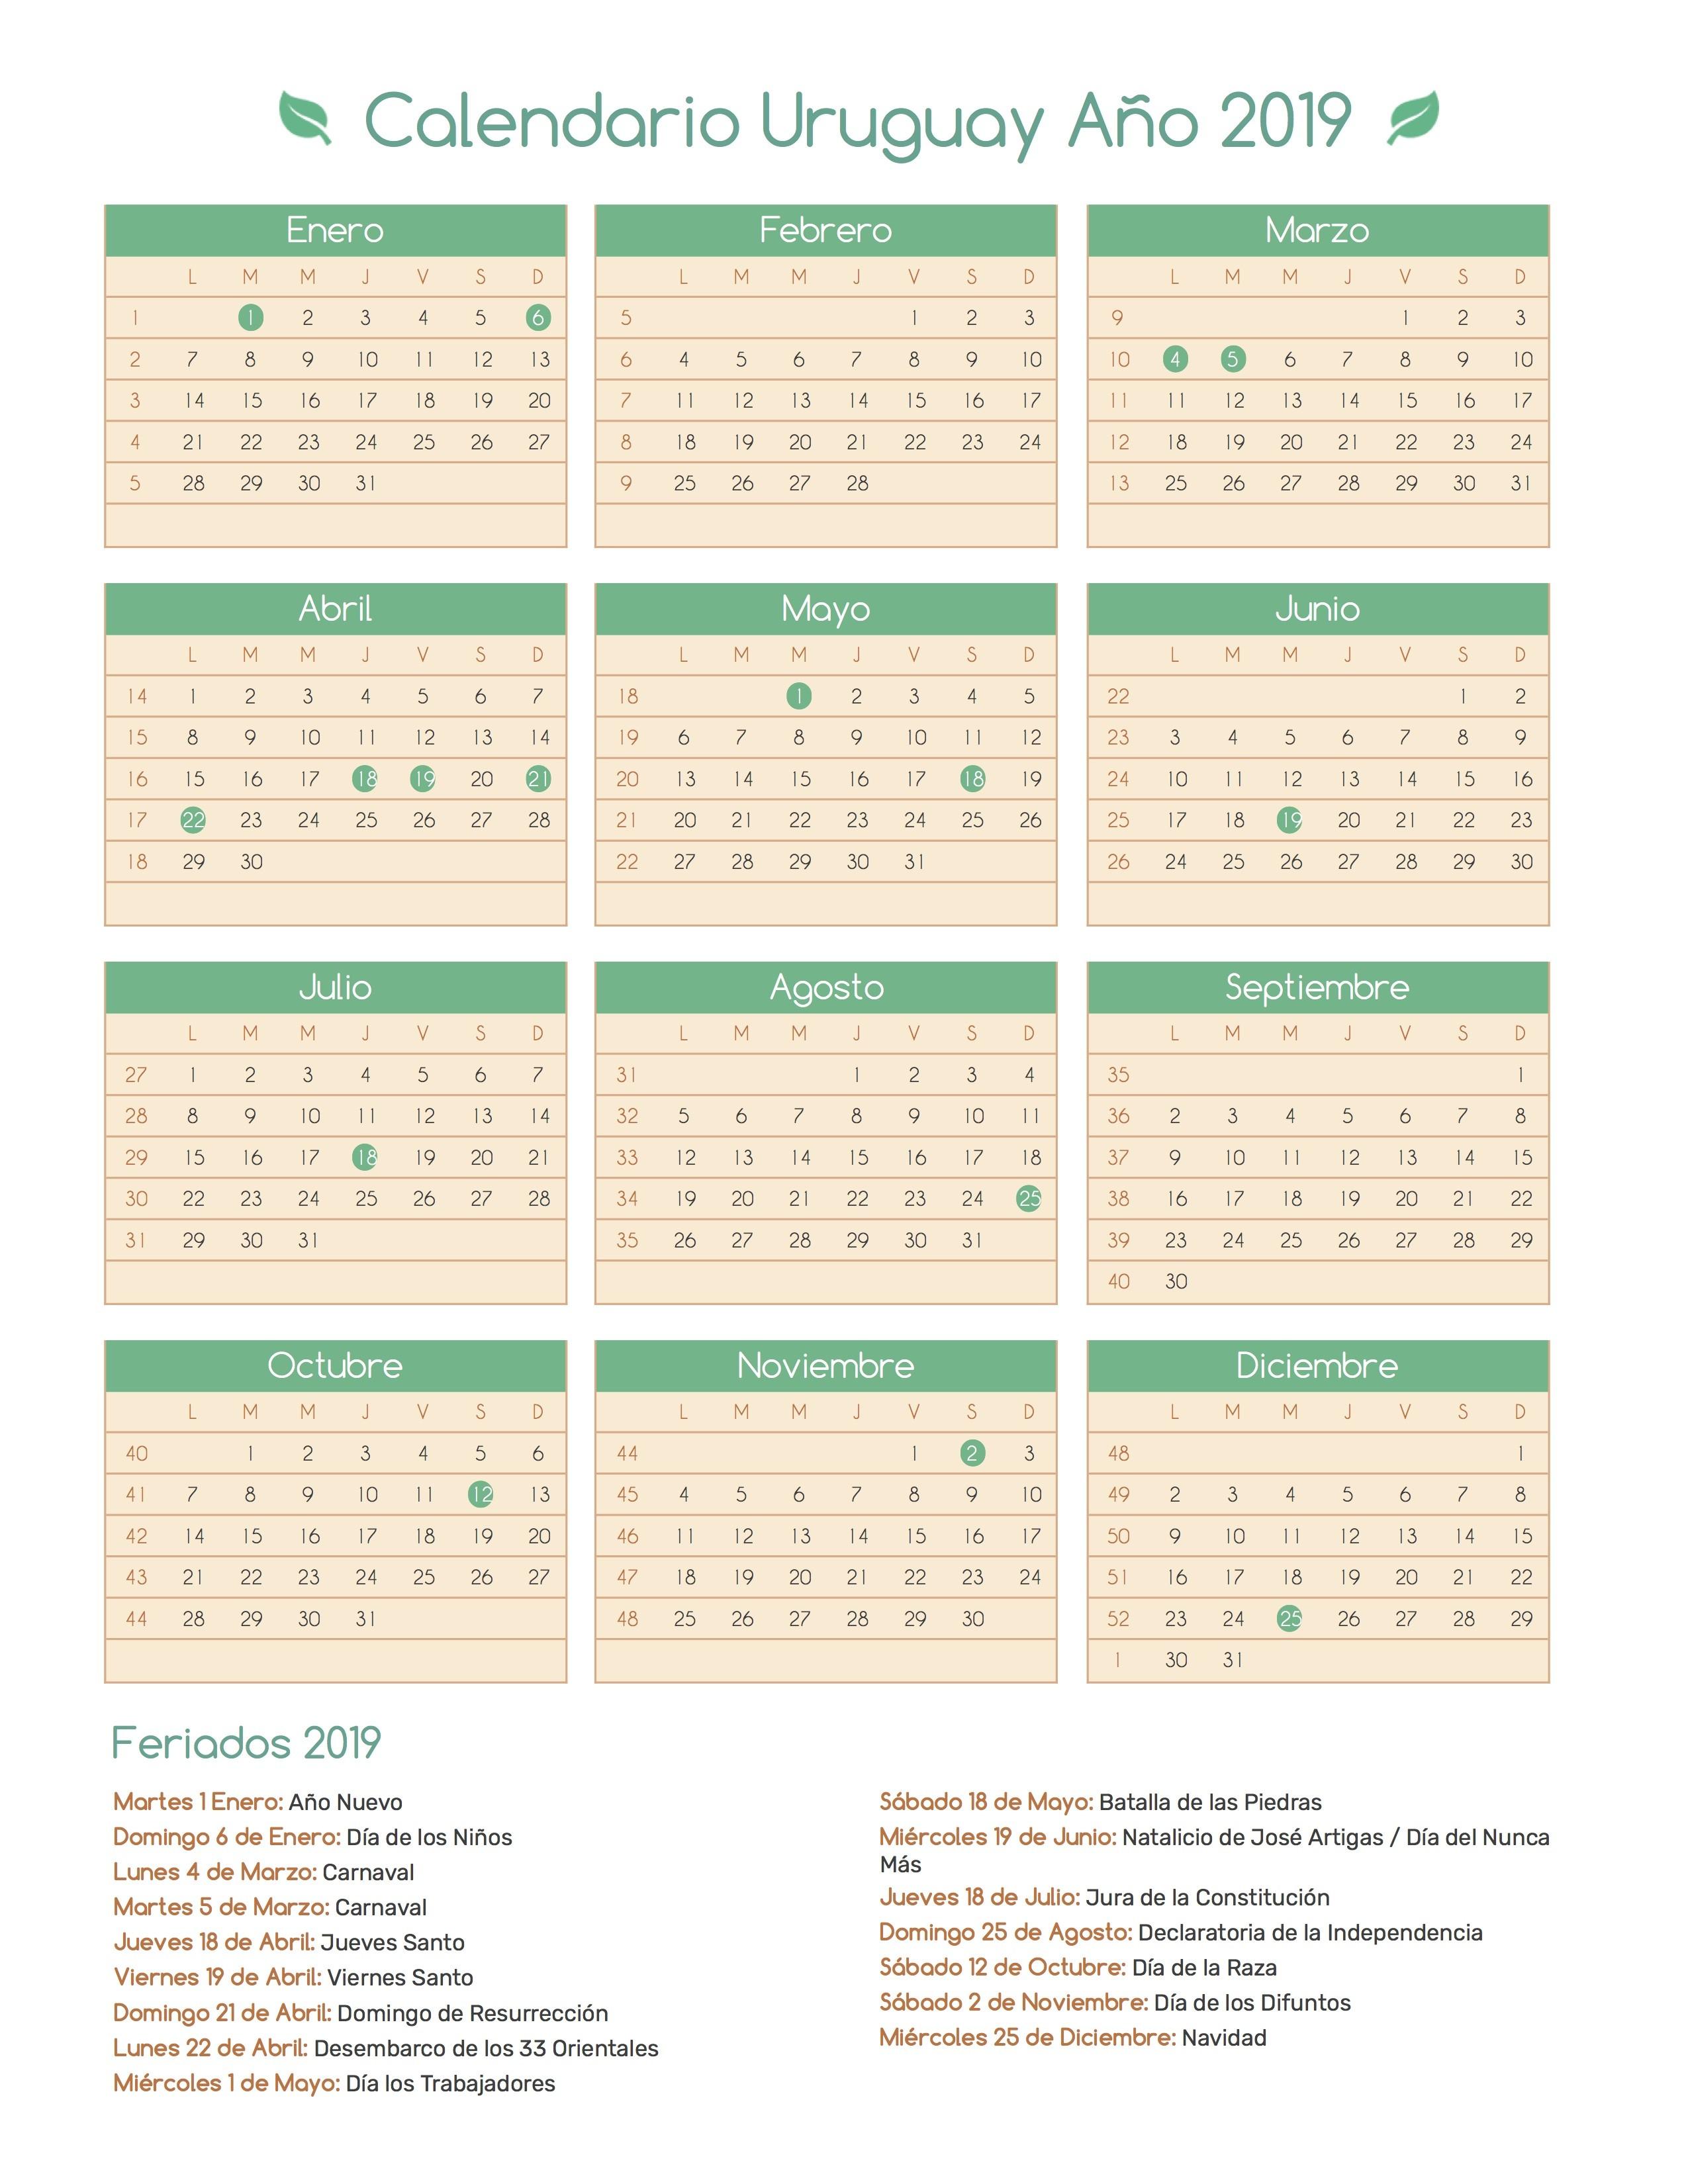 Calendario para Imprimir de Uruguay con feriados 2019